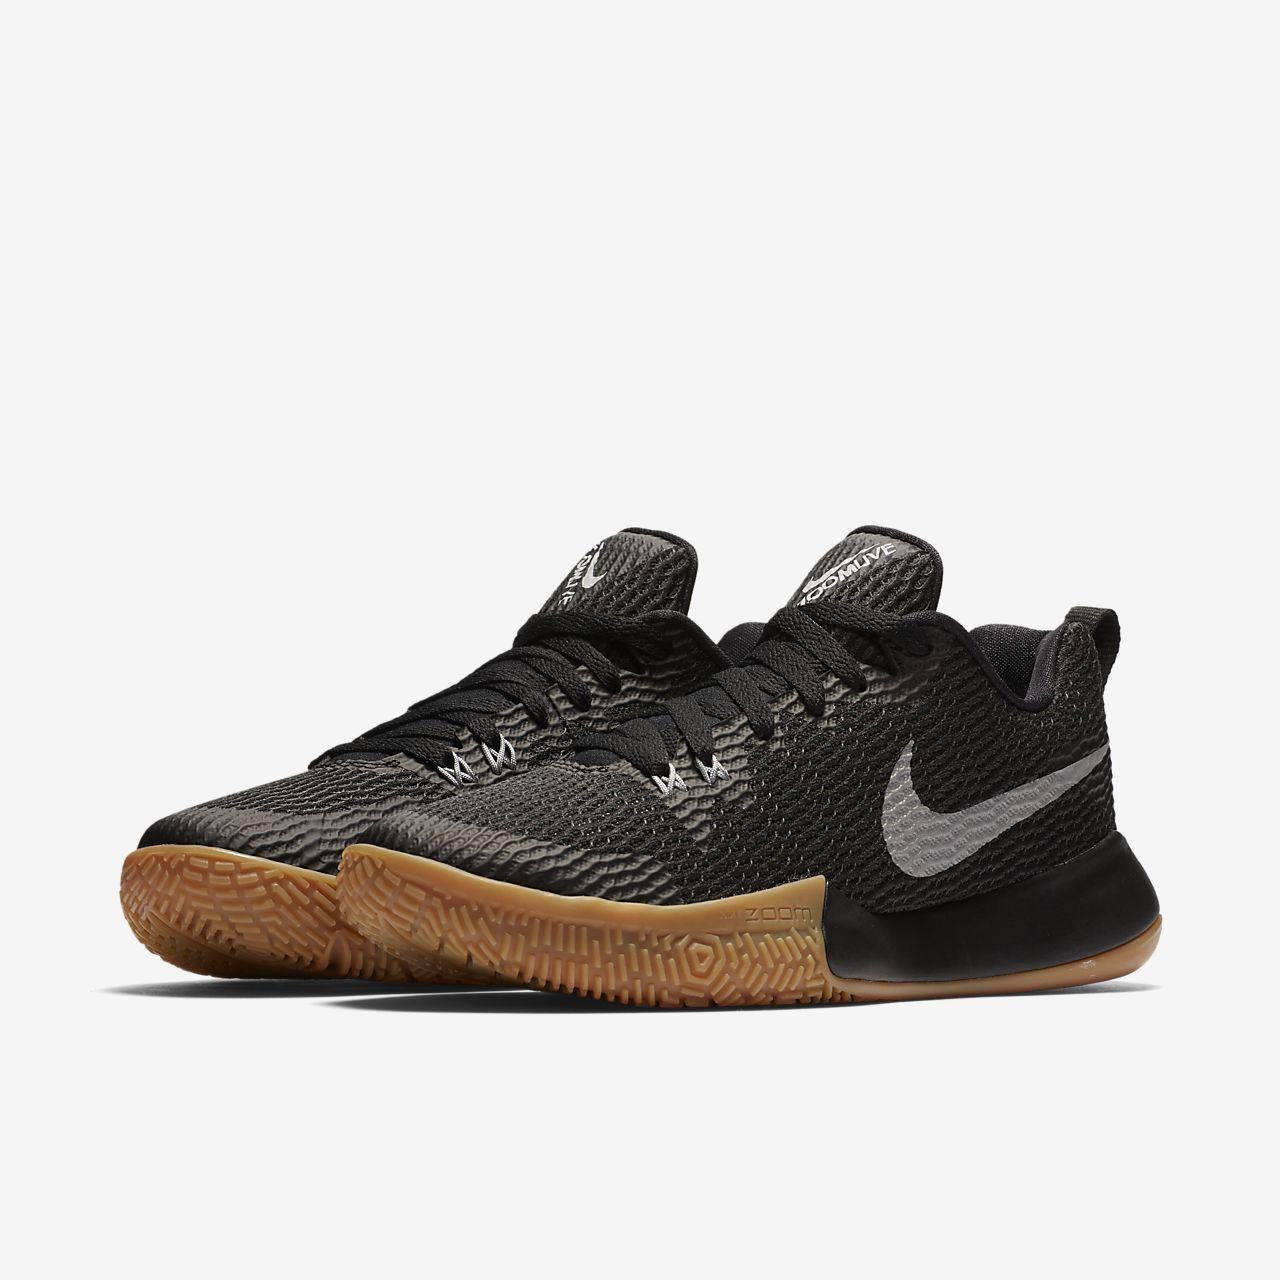 2cb3a38853f9 Nike Zoom Live II Women s Basketball Shoe. Nike.com LU